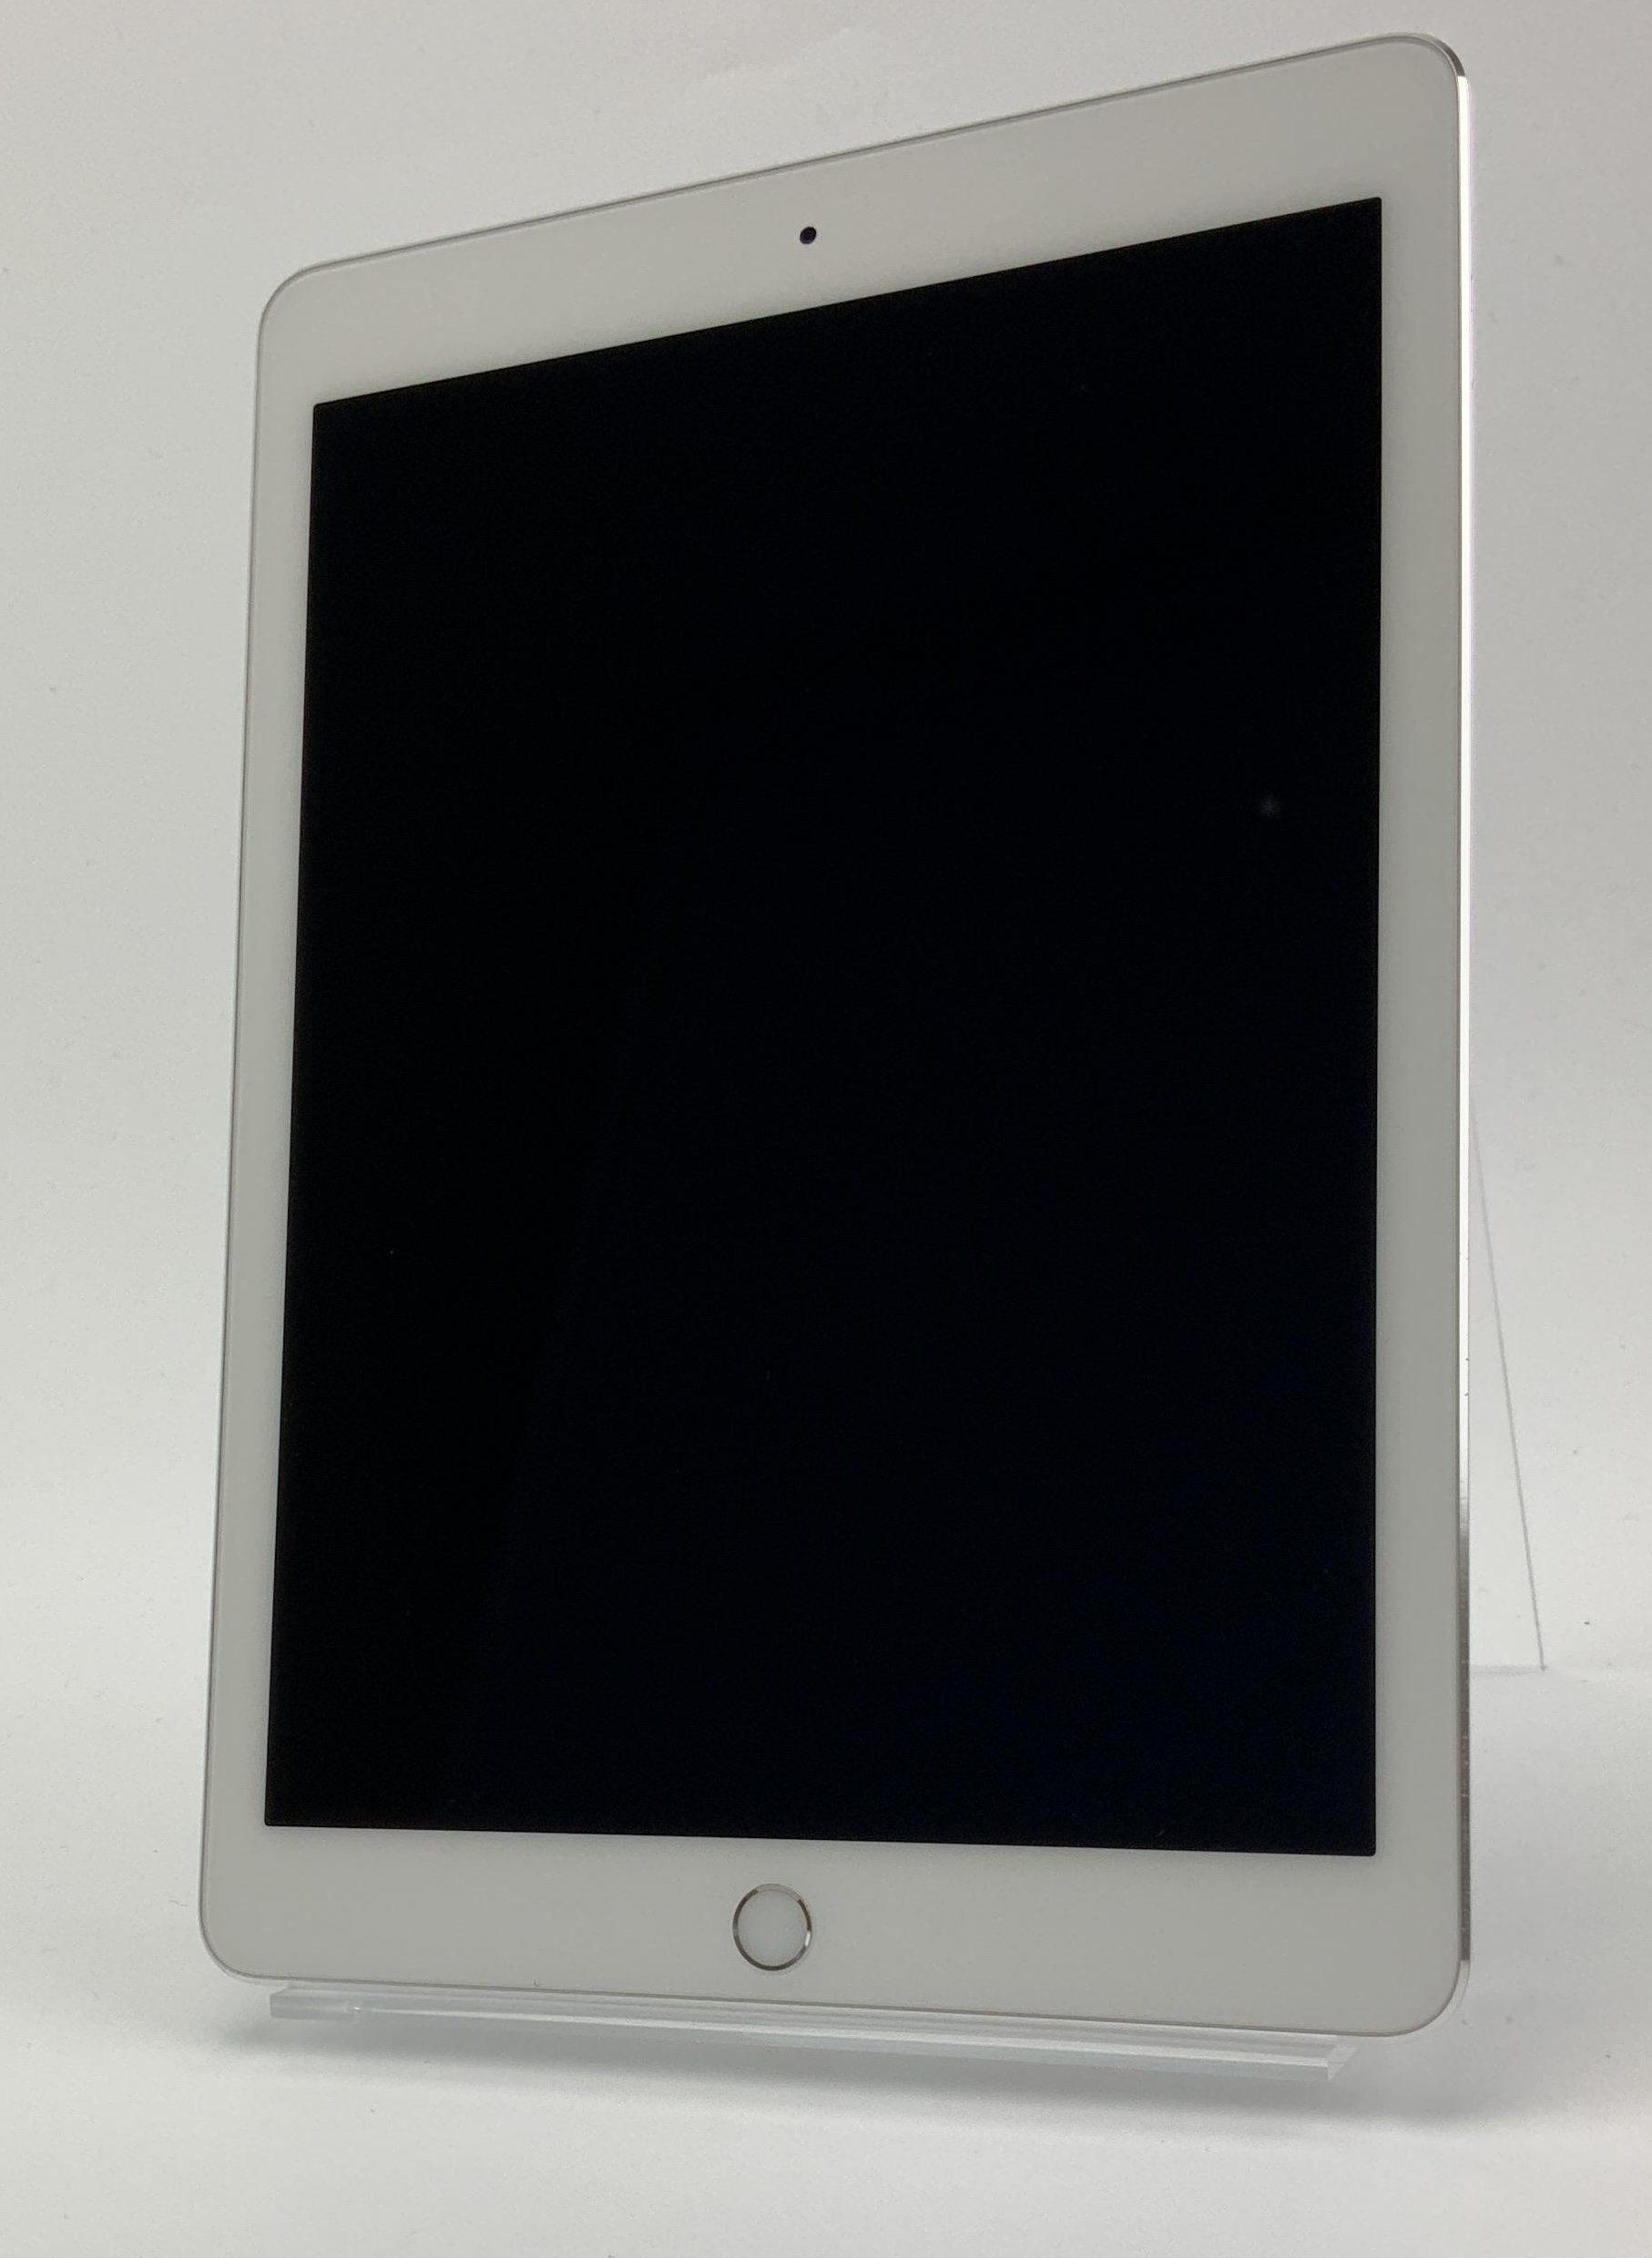 iPad Air 2 Wi-Fi 16GB, 16GB, Silver, image 1